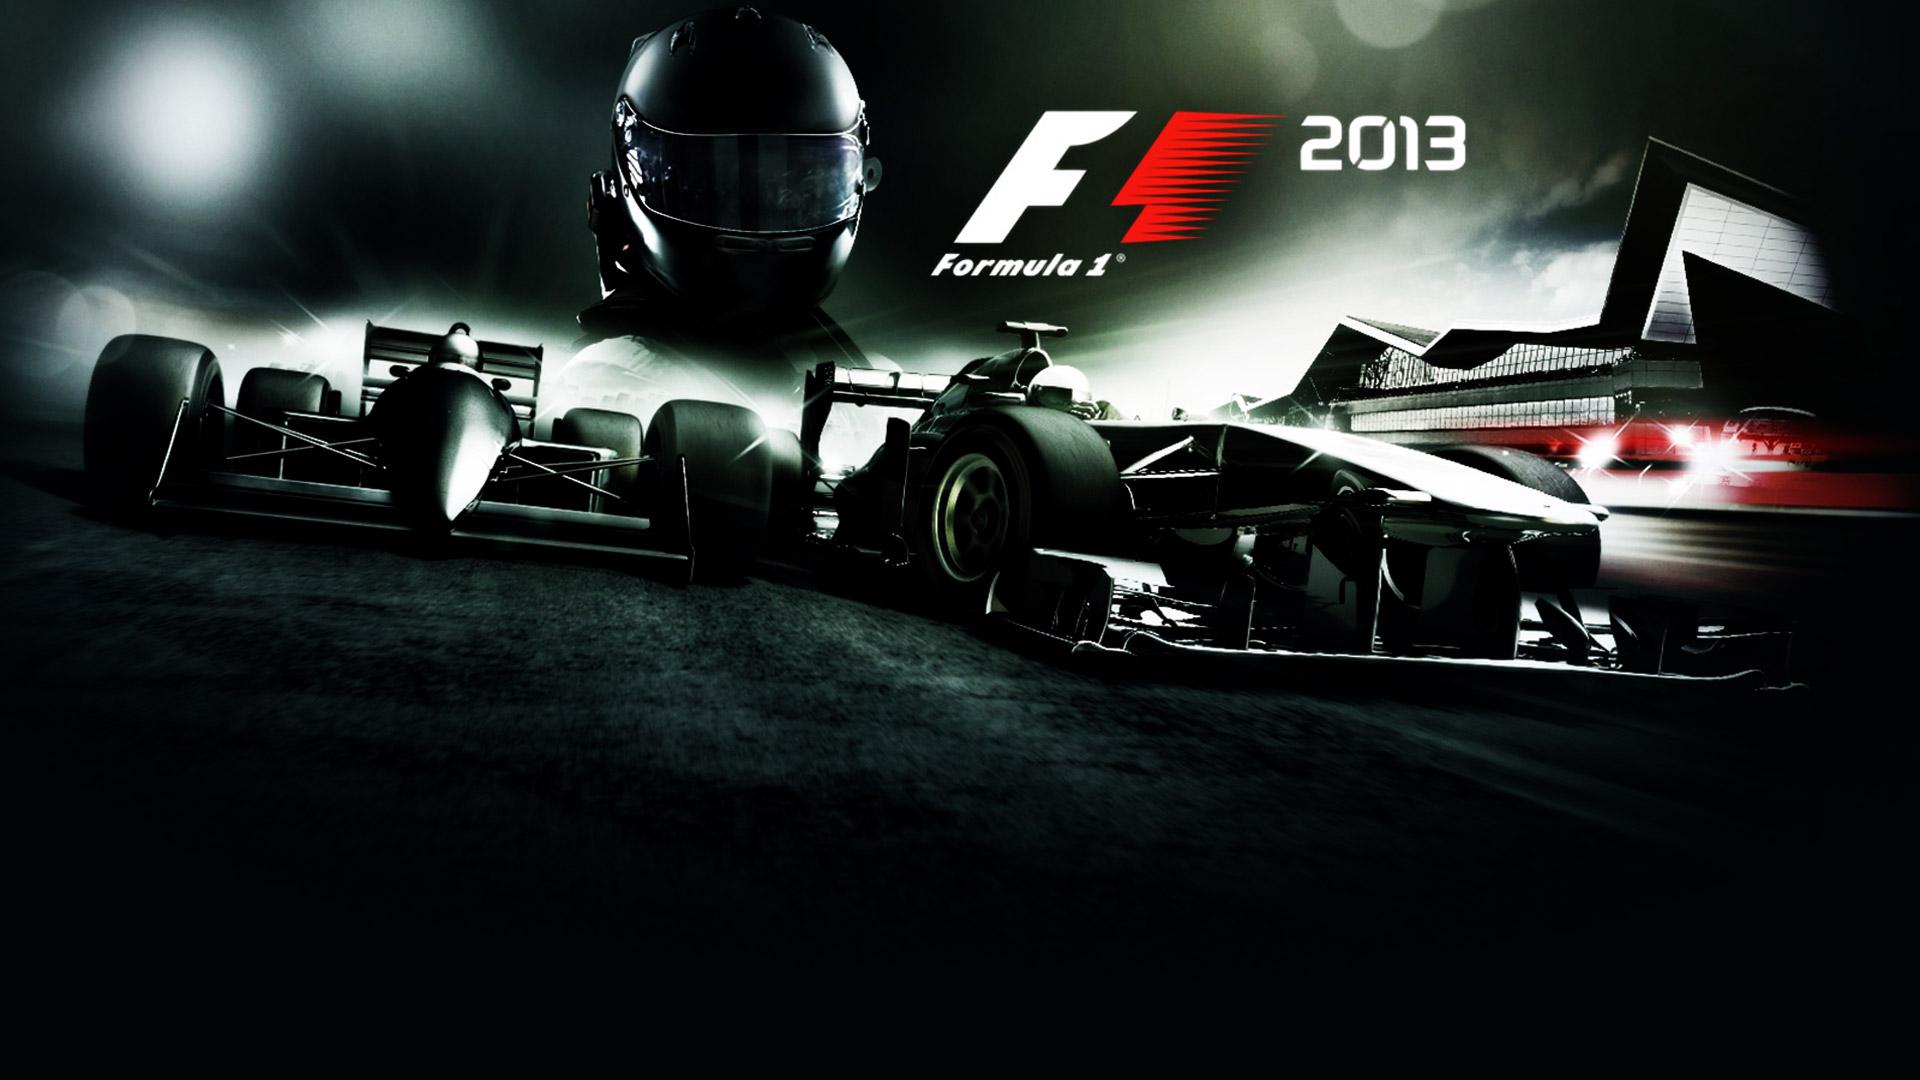 |F1 13 PS3| Inscribete en el campeonato [F1 2013 PS3] F1_2013_Logo